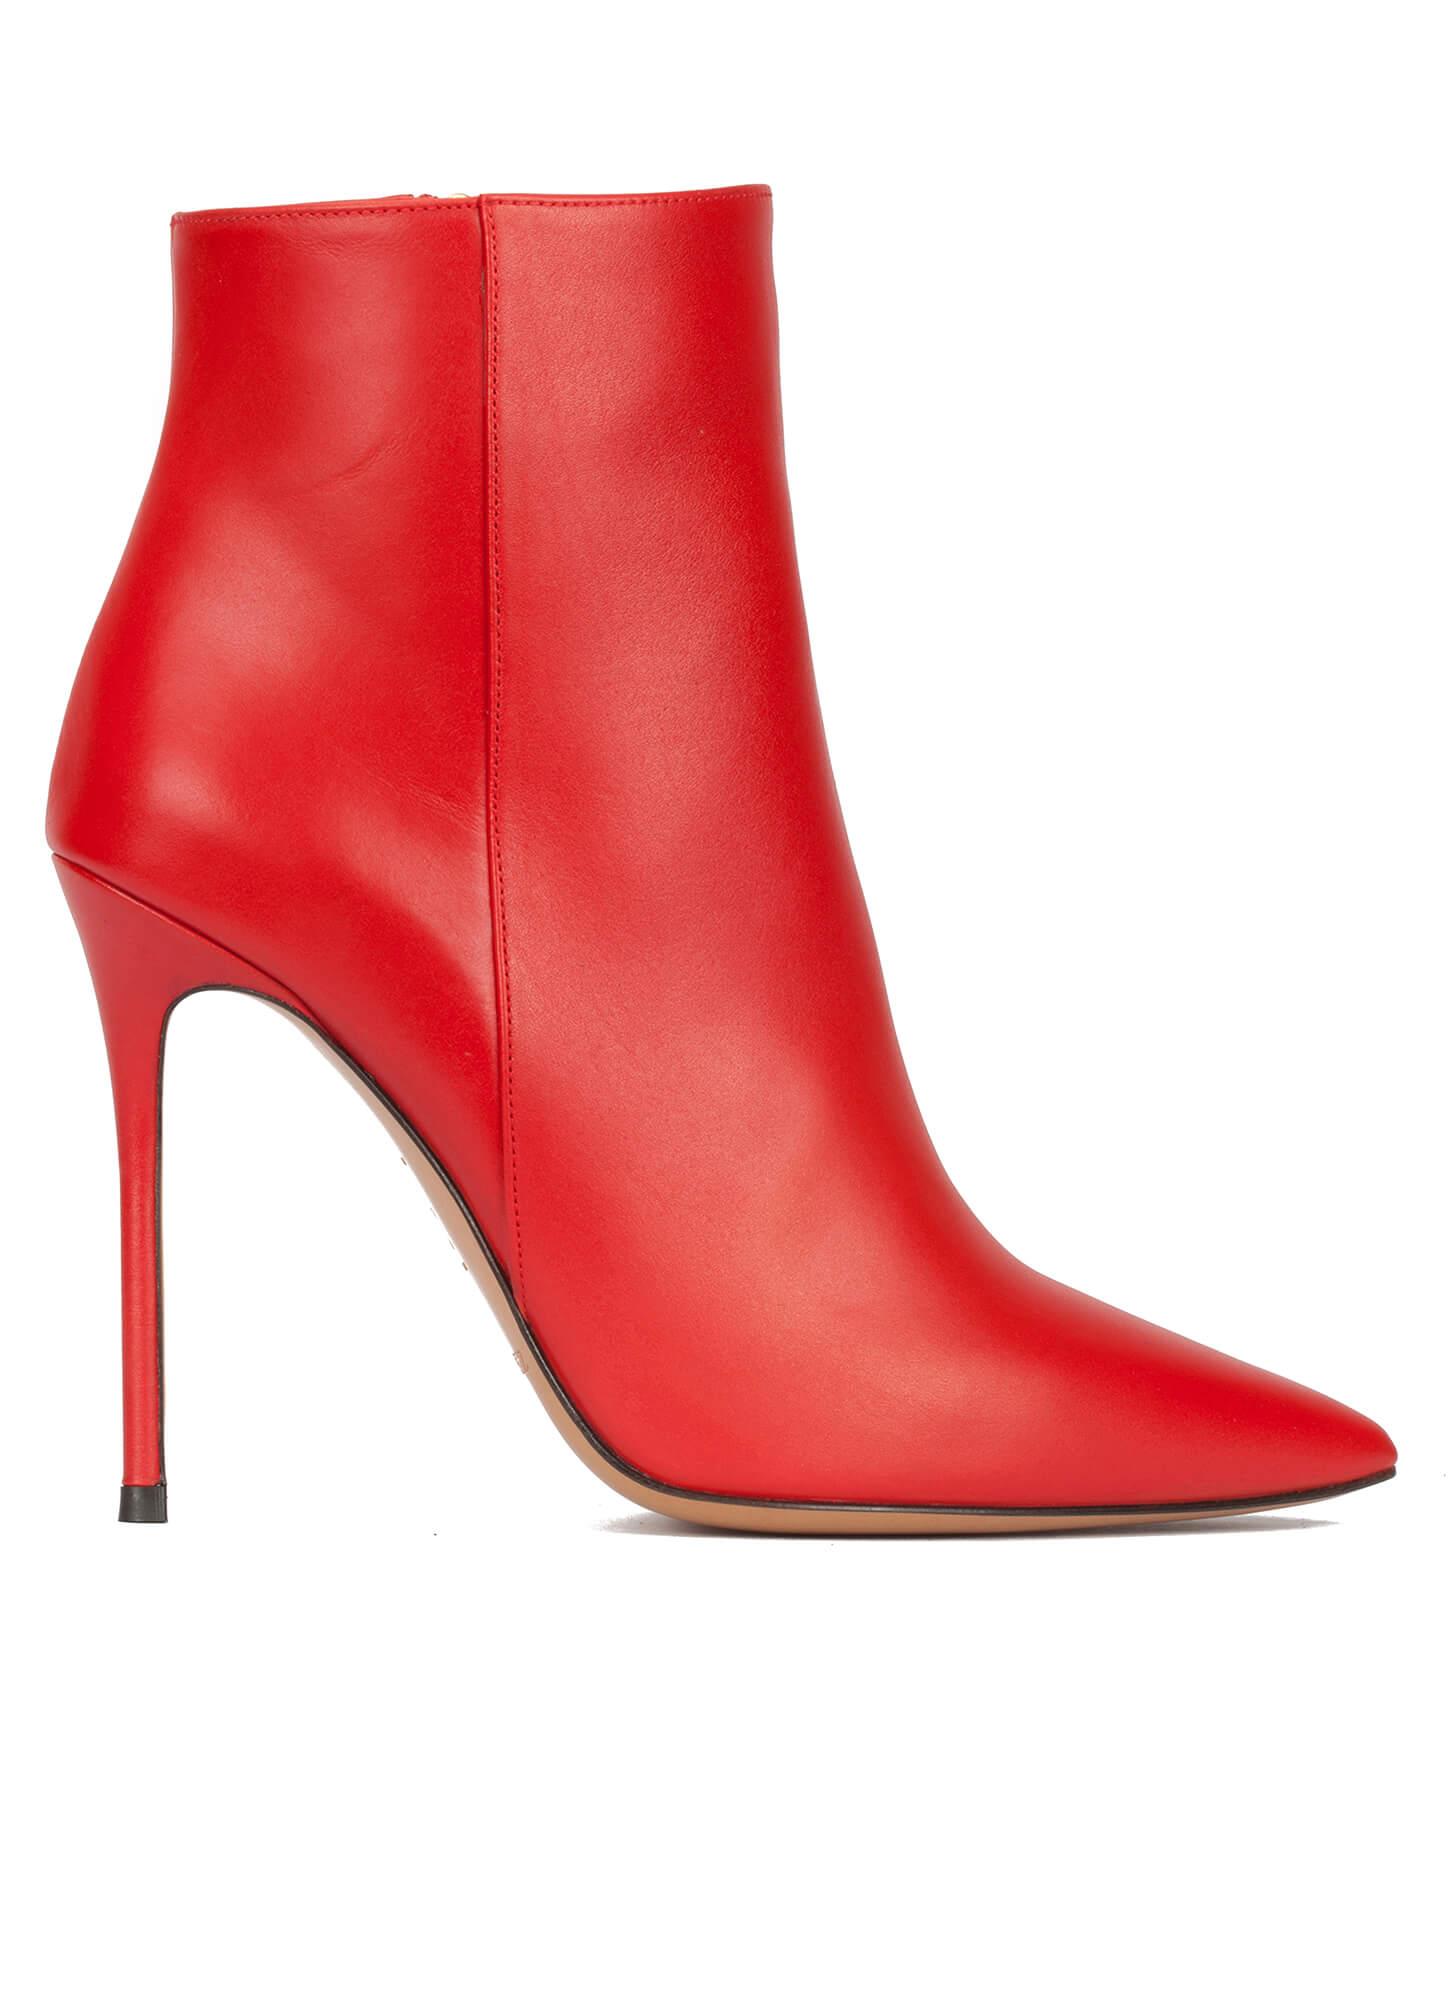 a95ead7692 Botines rojos de piel con punta fina y tacón stiletto ...